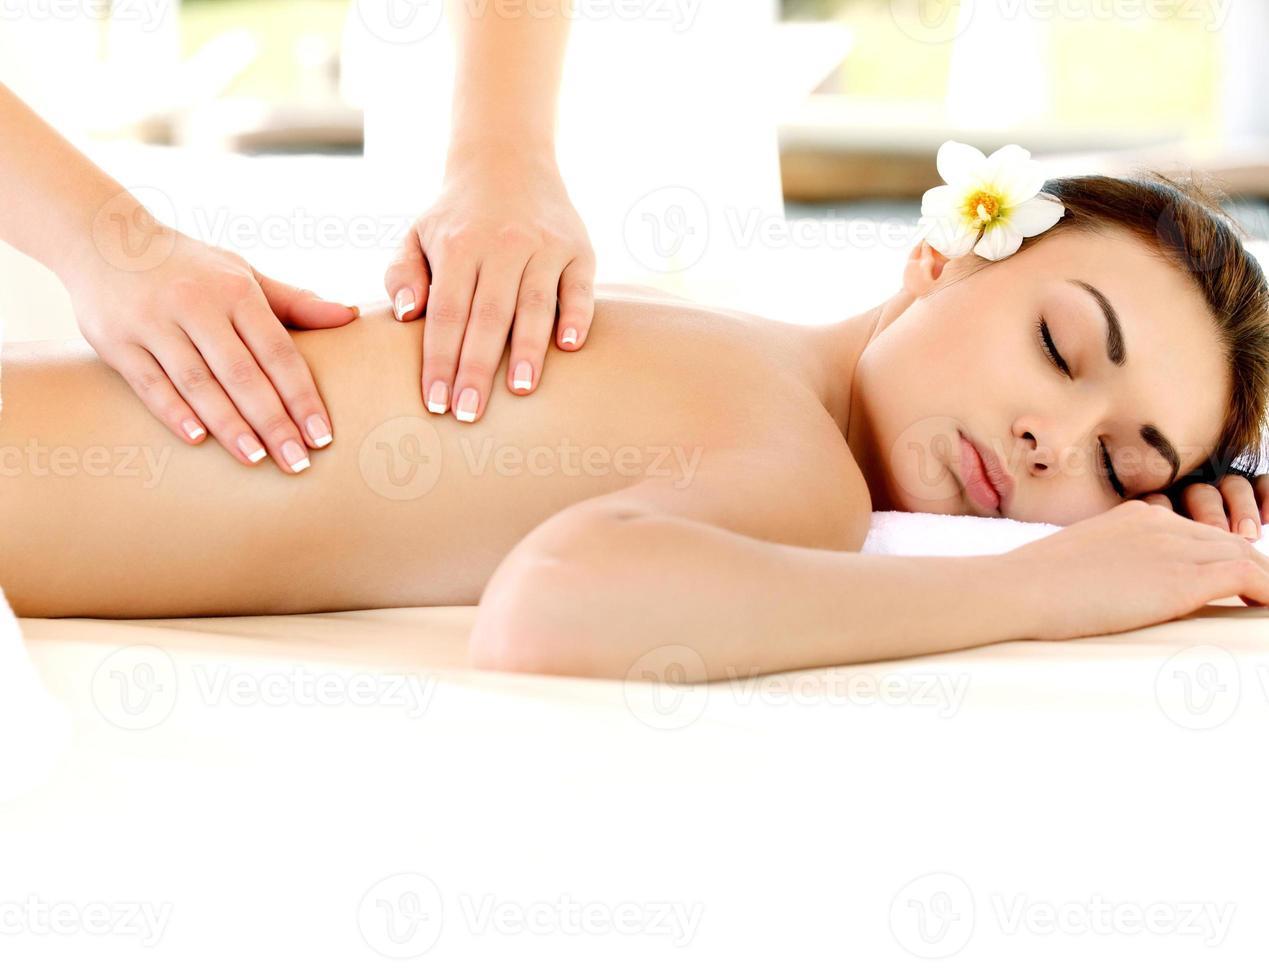 femme de spa. gros plan d'une belle femme recevant un traitement. photo